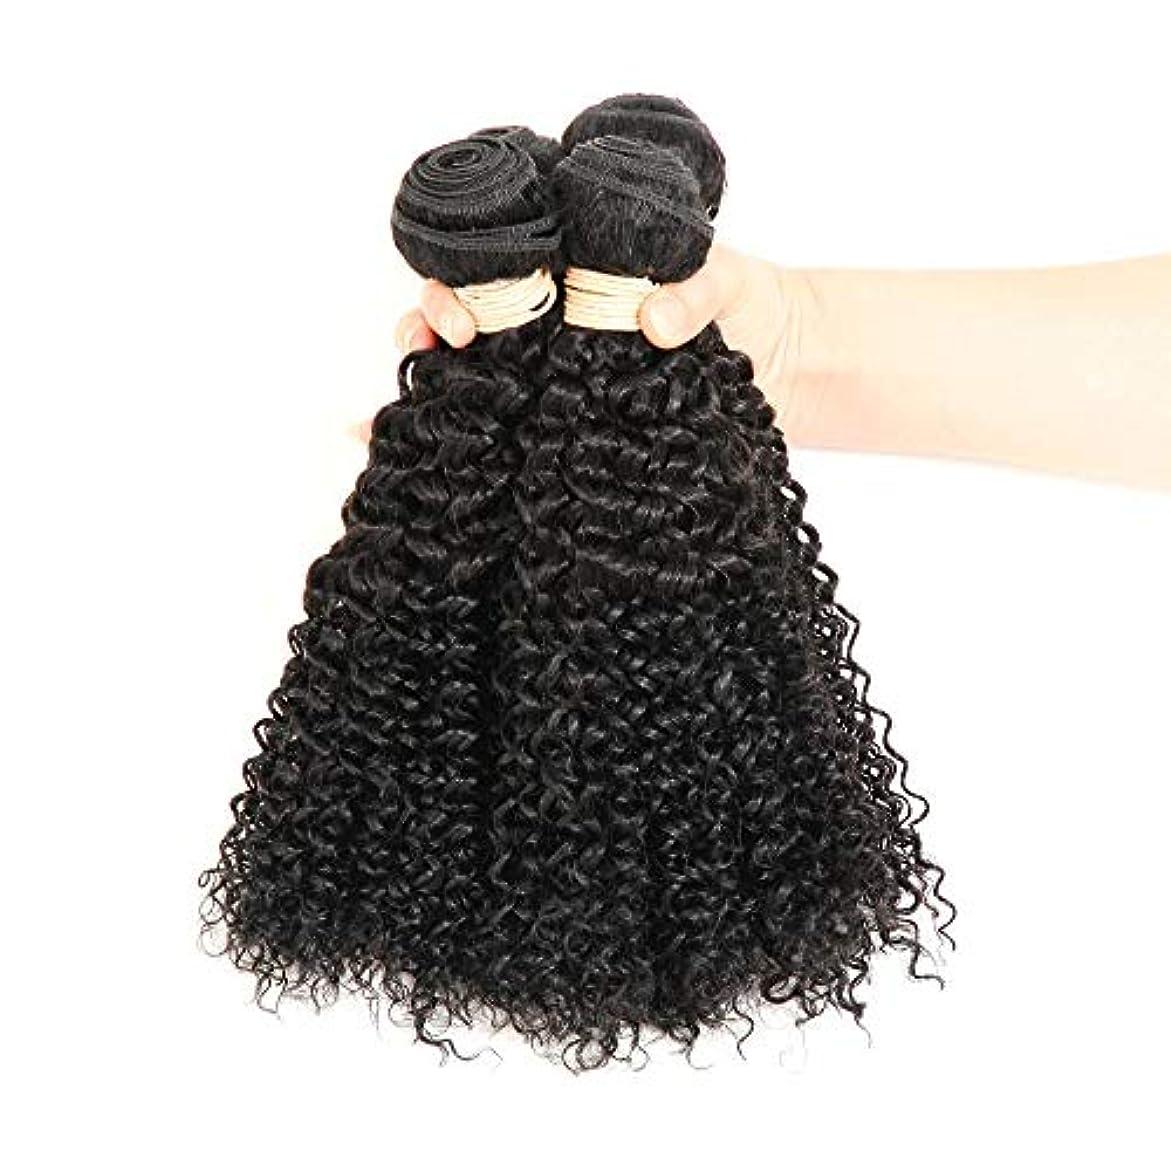 灌漑ナラーバーやめるWASAIO 白人女性ブラックカラー16-22インチ(100 +/- 5グラム)/ PC 1つのバンドルのためのヴィンテージウィッグバンドルブラジル変態カーリーウィッグ (色 : 黒, サイズ : 22 inch)